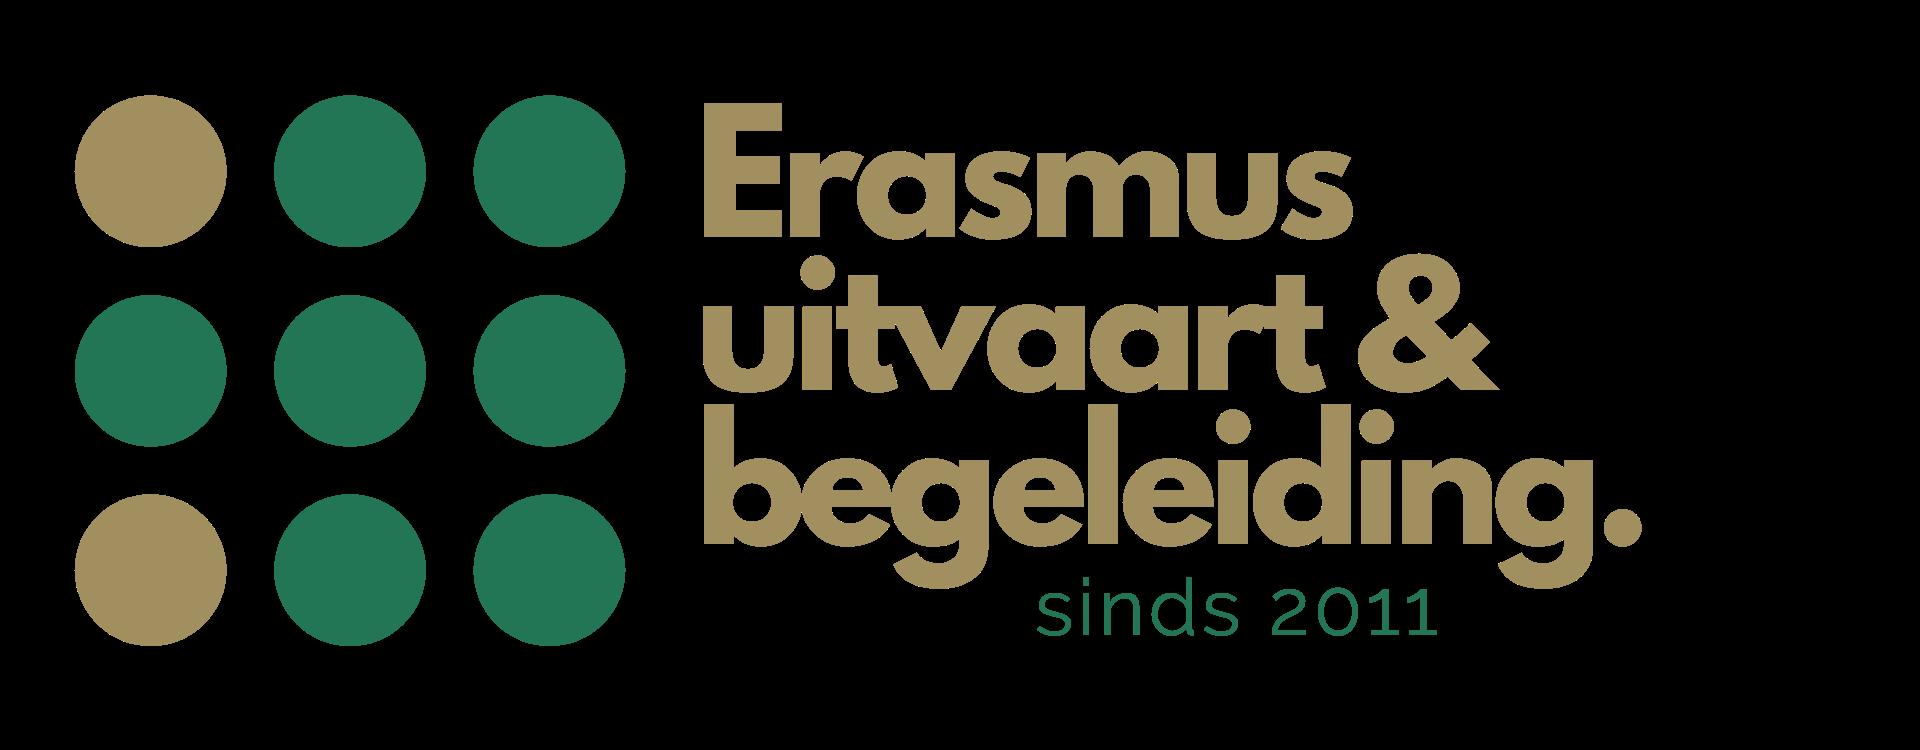 Erasmus uitvaart & begeleiding.